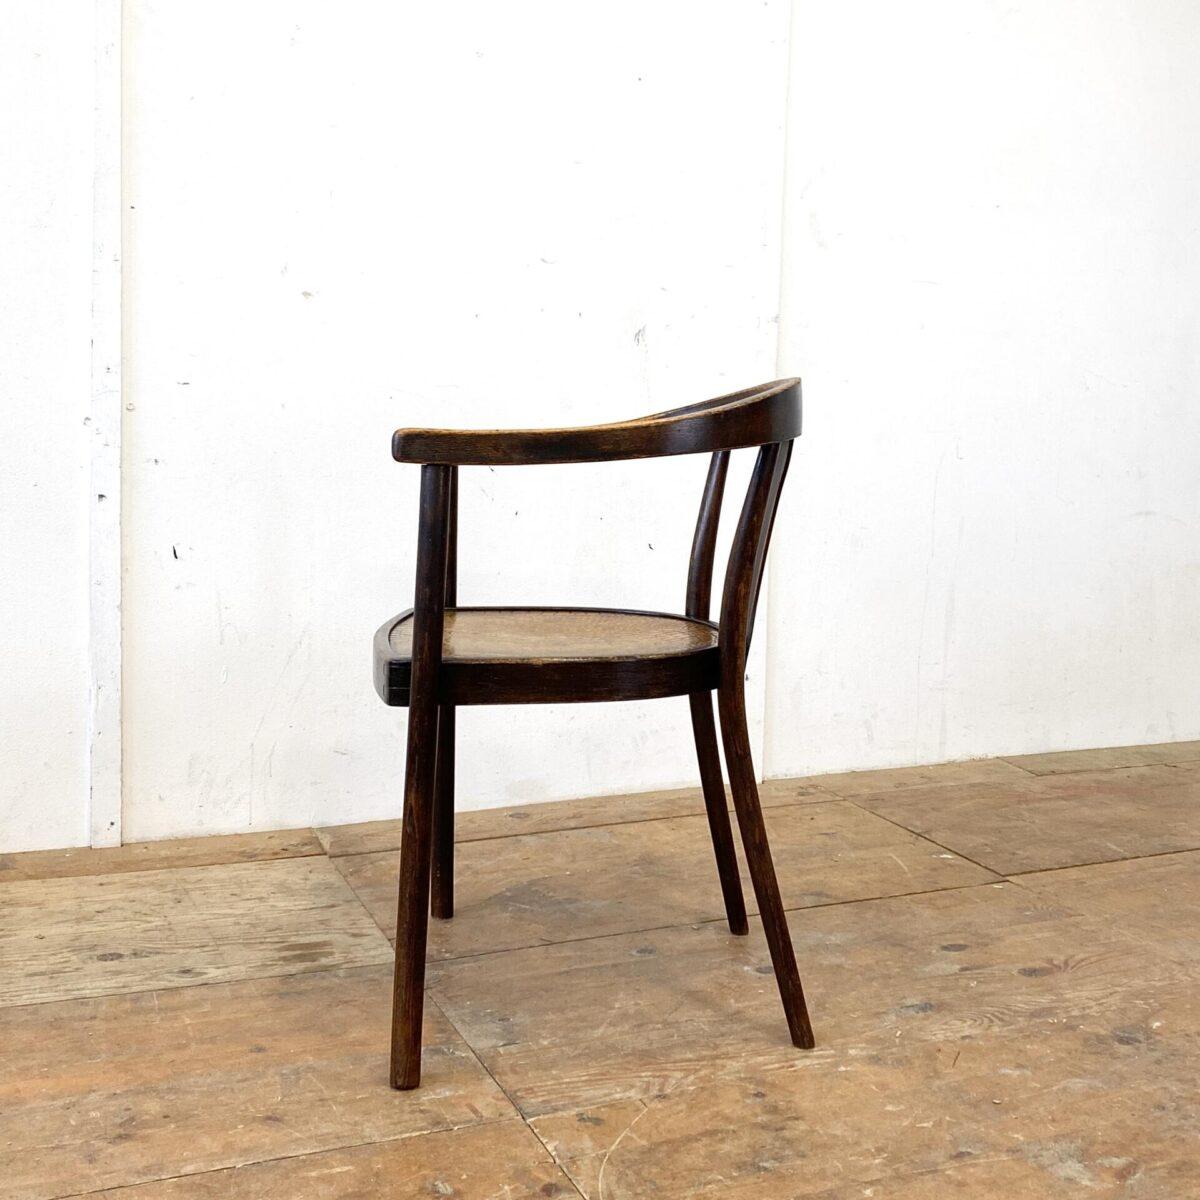 Wiener Armlehnstühle in gutem stabilen Zustand. Der Stuhl von Fischel mit dem Krokodil Muster ist 400.- Der andere von Mundus 250.- Die Bugholzstühle haben eine dunkelbraune Alterspatina.